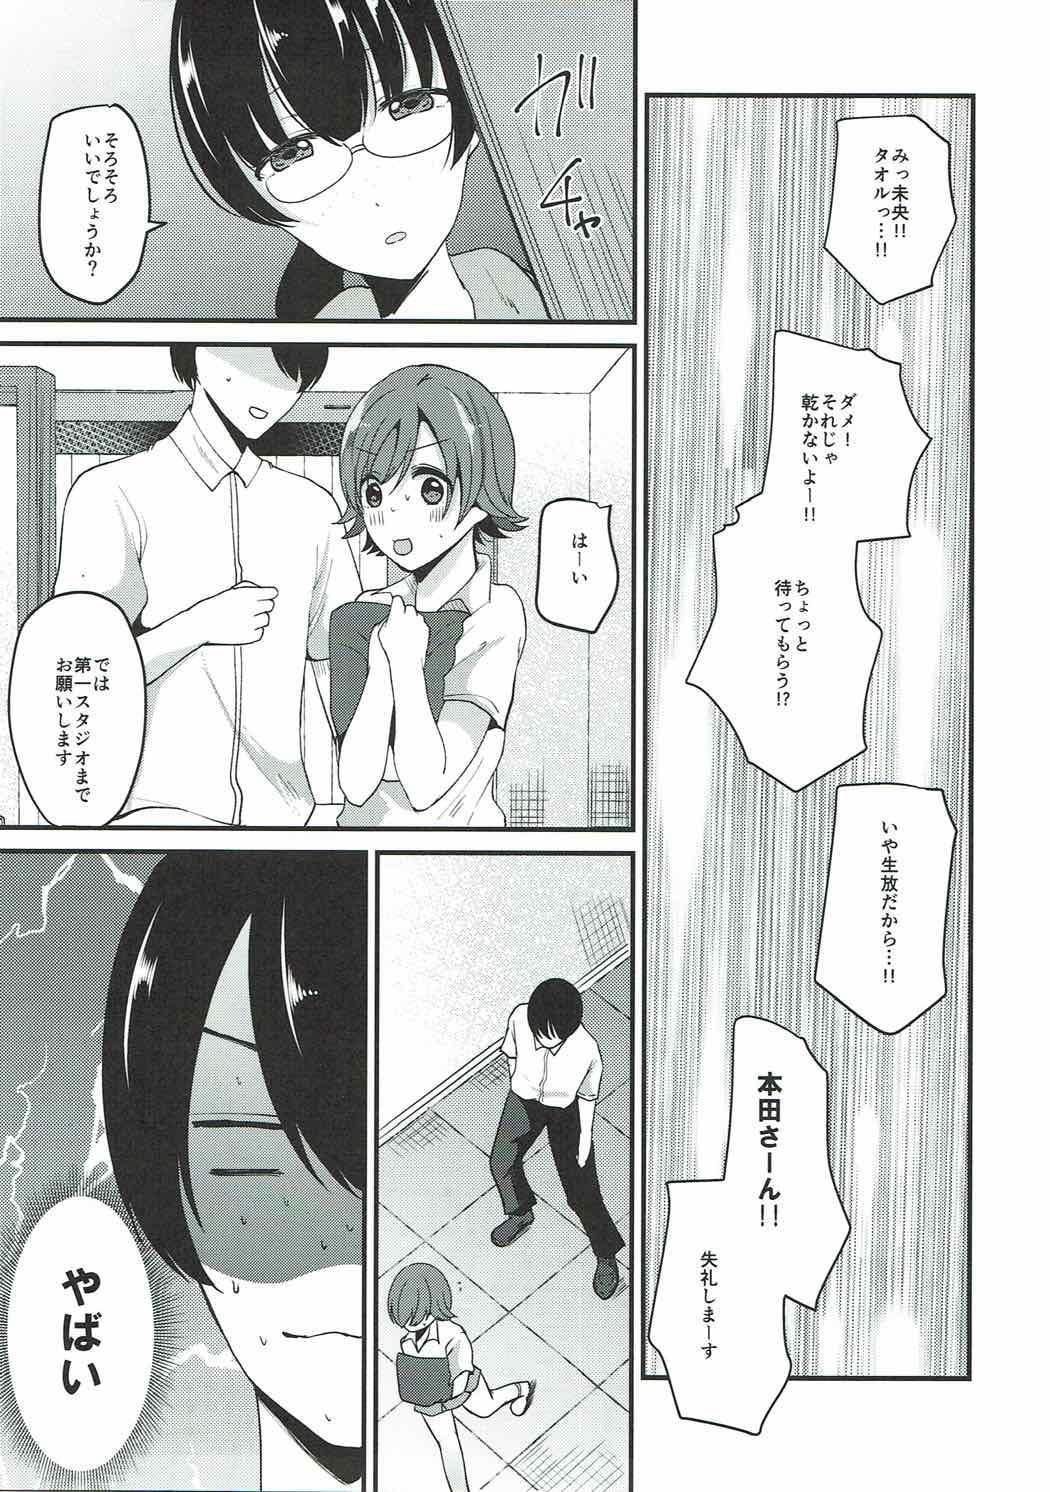 Dakara Boku wa Mio ga Suki 2 4